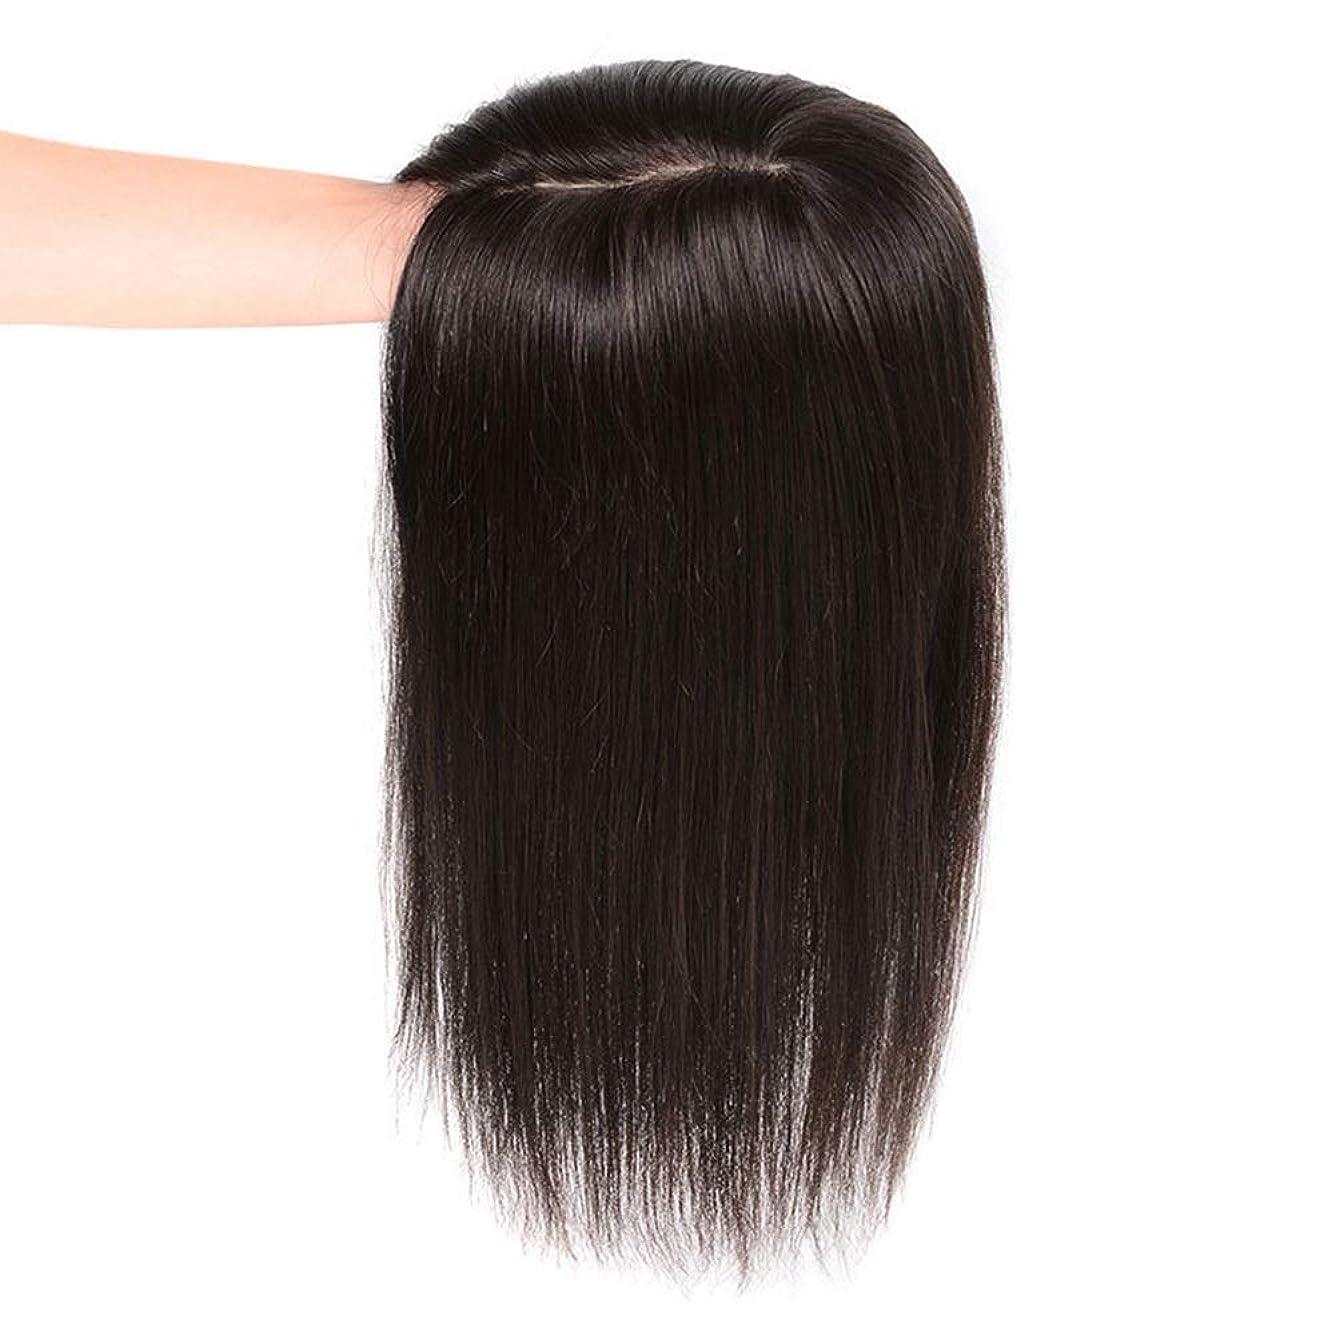 メンタリティ役立つ切断するHOHYLLYA 女性のための3Dハンドニードルリアルヘアウィッグナチュラルヘアエクステンションホワイトヘアパーティーウィッグ (色 : Natural black, サイズ : [9x14]30cm)